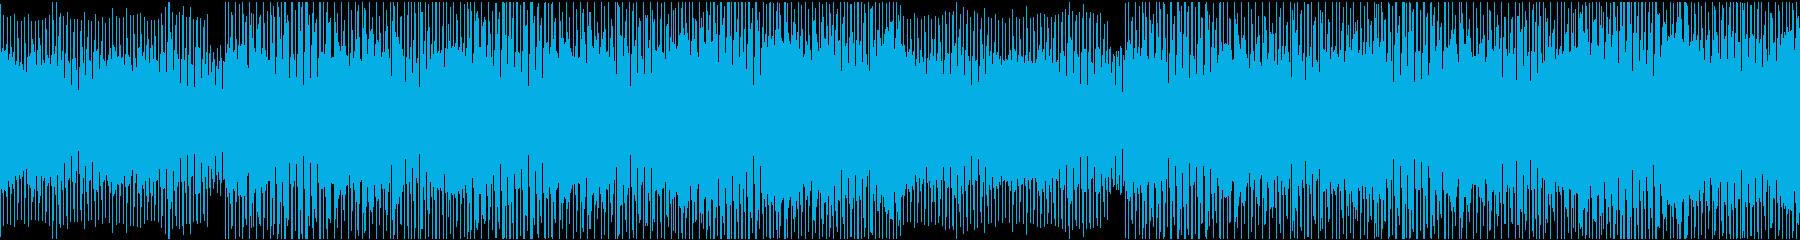 幻想的で陶酔感のあるディープハウスループの再生済みの波形